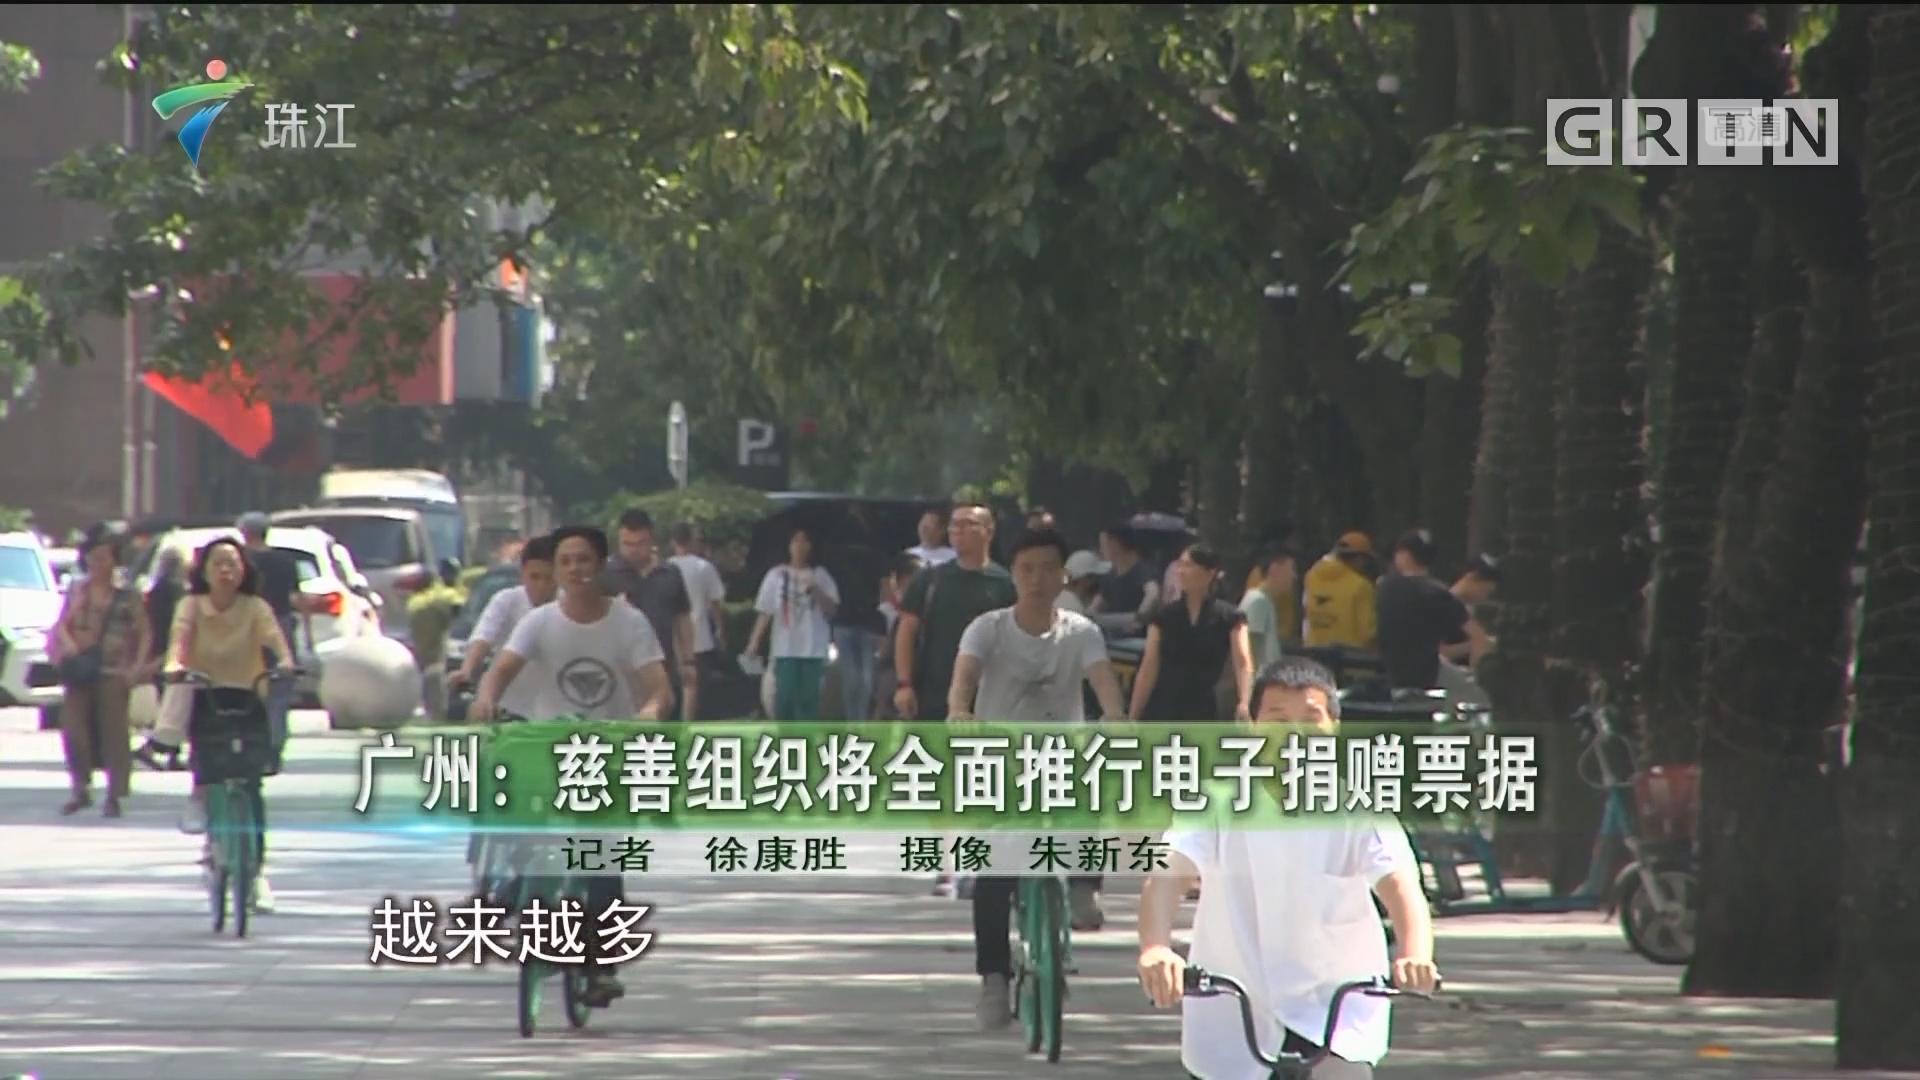 广州:慈善组织将全面推行电子捐赠票据